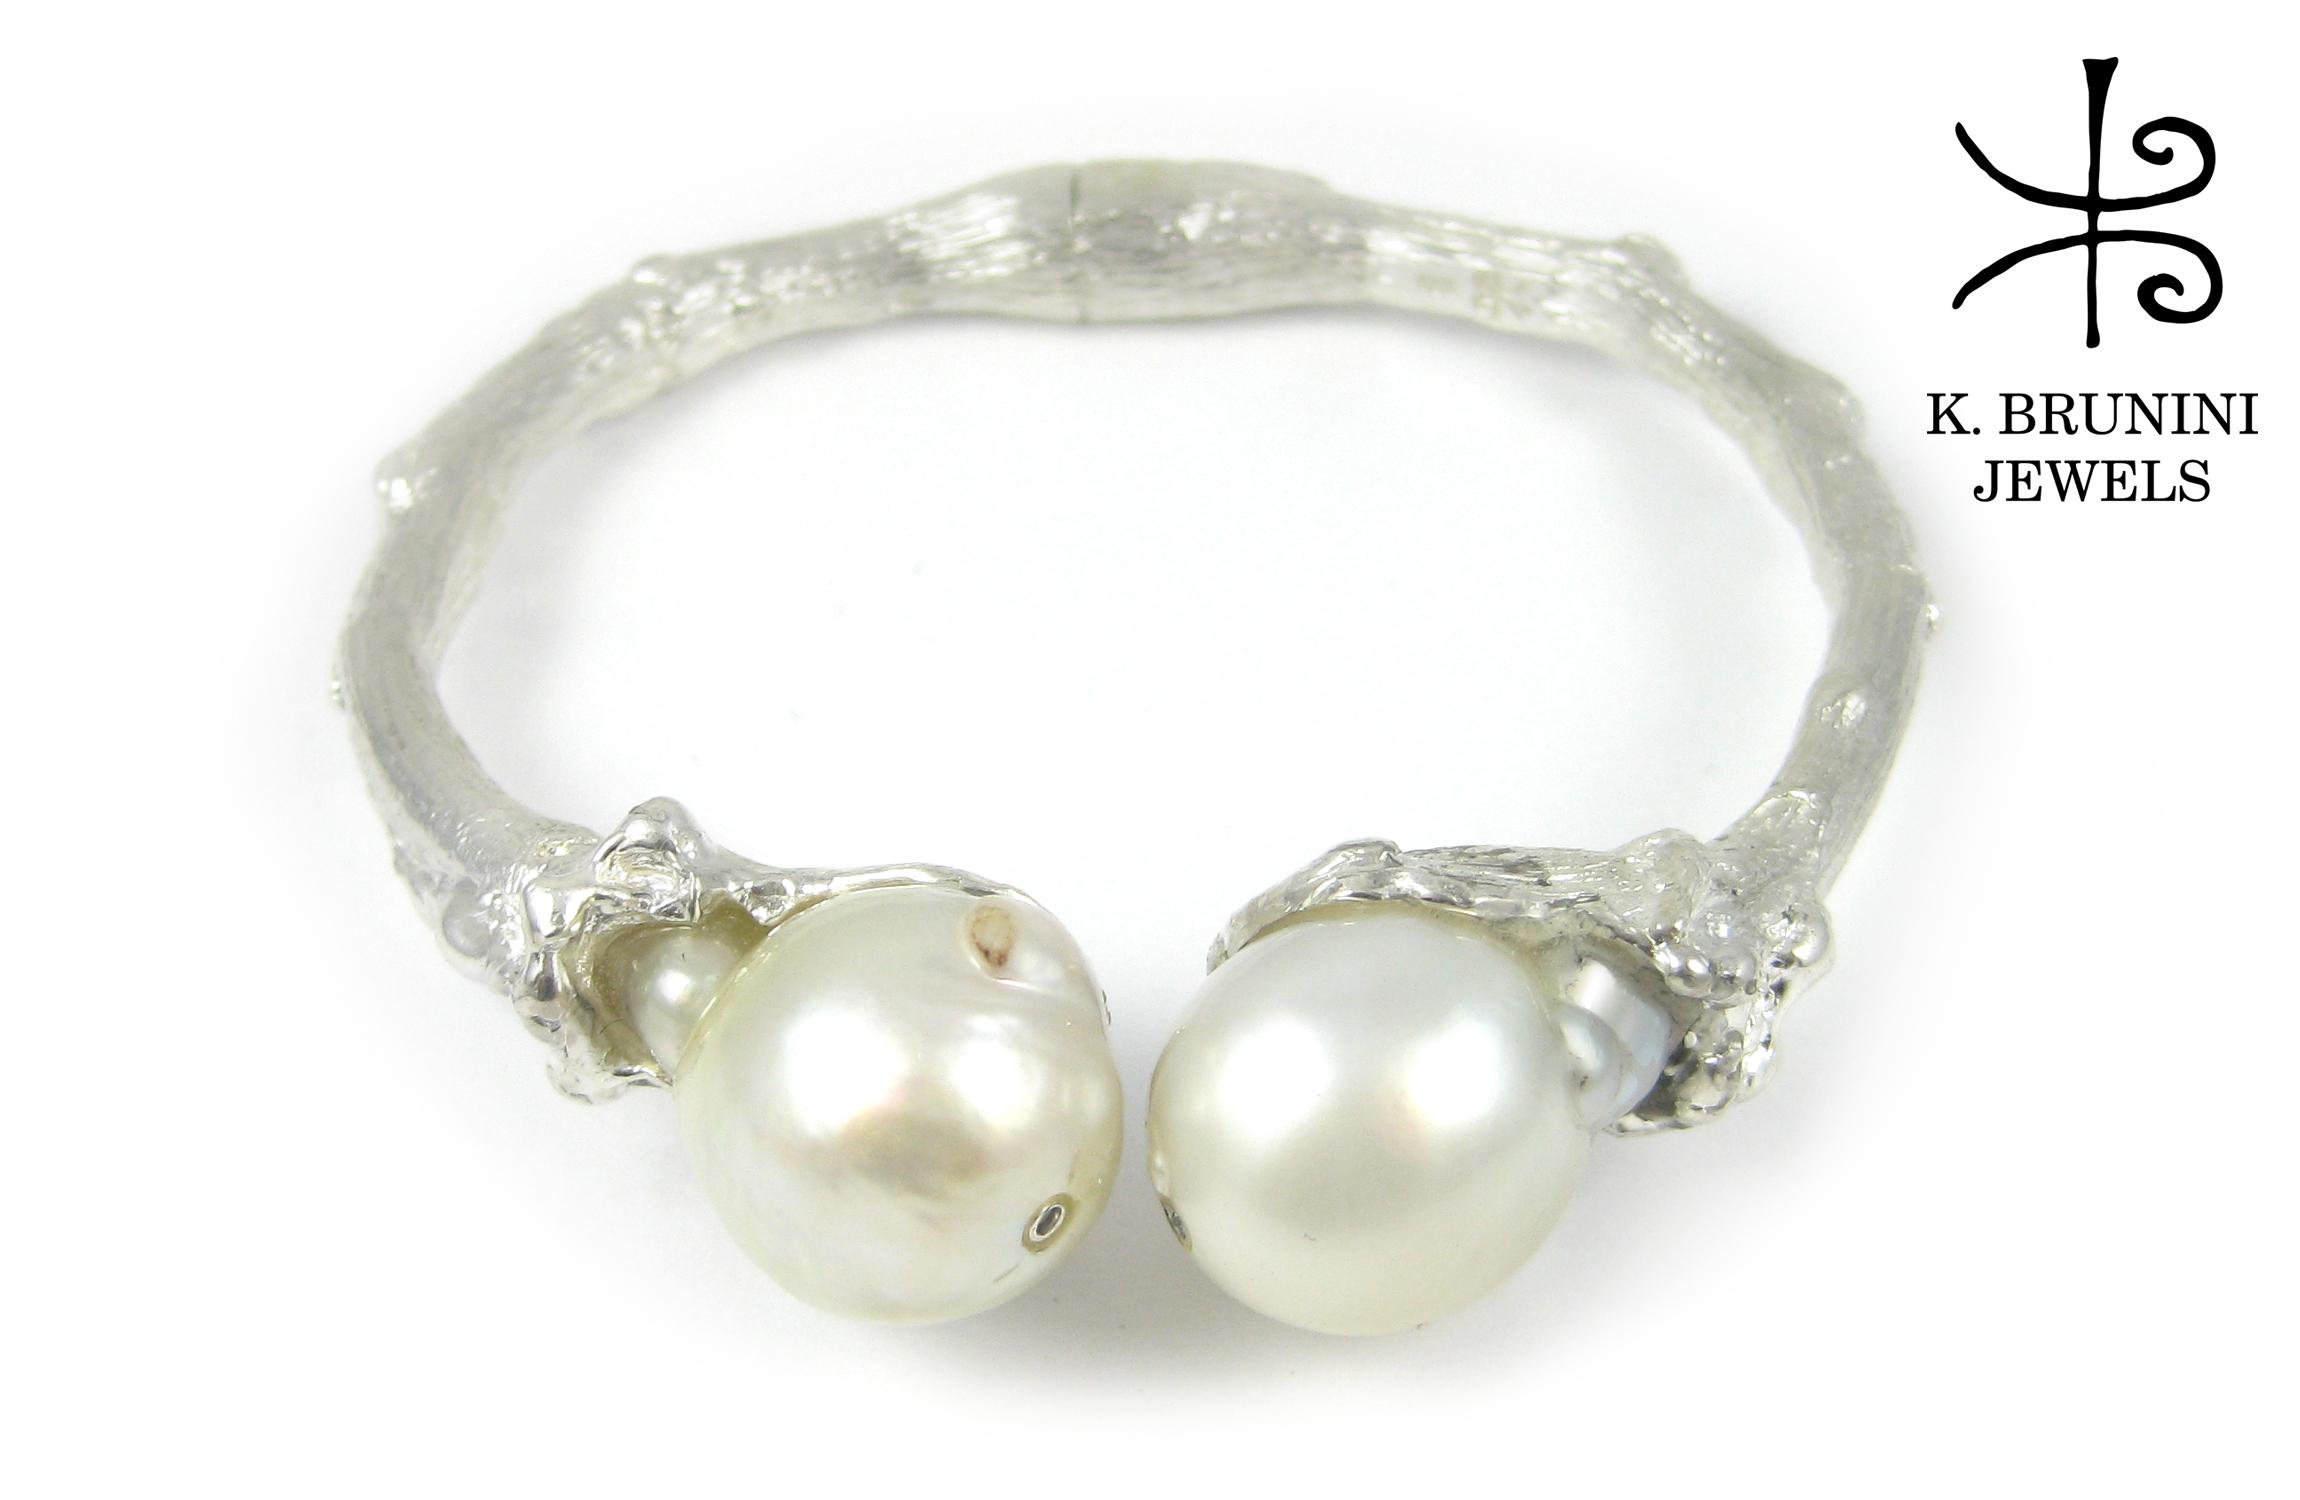 K Brunini, K Brunini Jewels, Twig, Cuff, Pearl